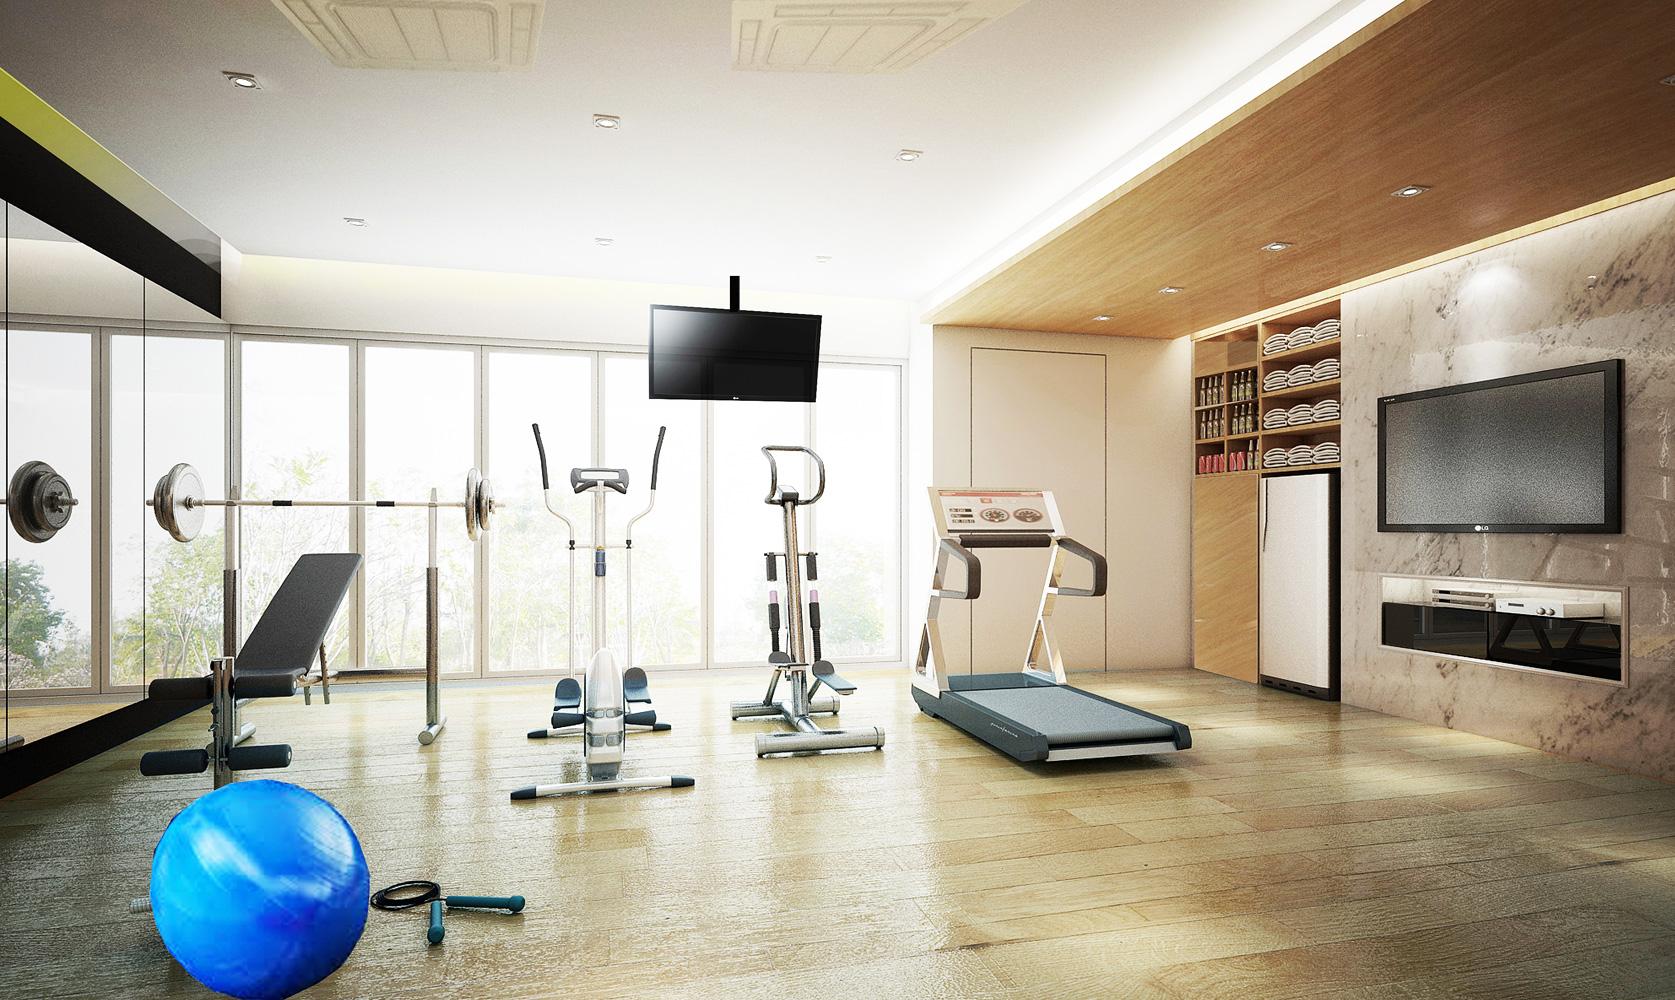 9-ห้องออกกำลังกาย